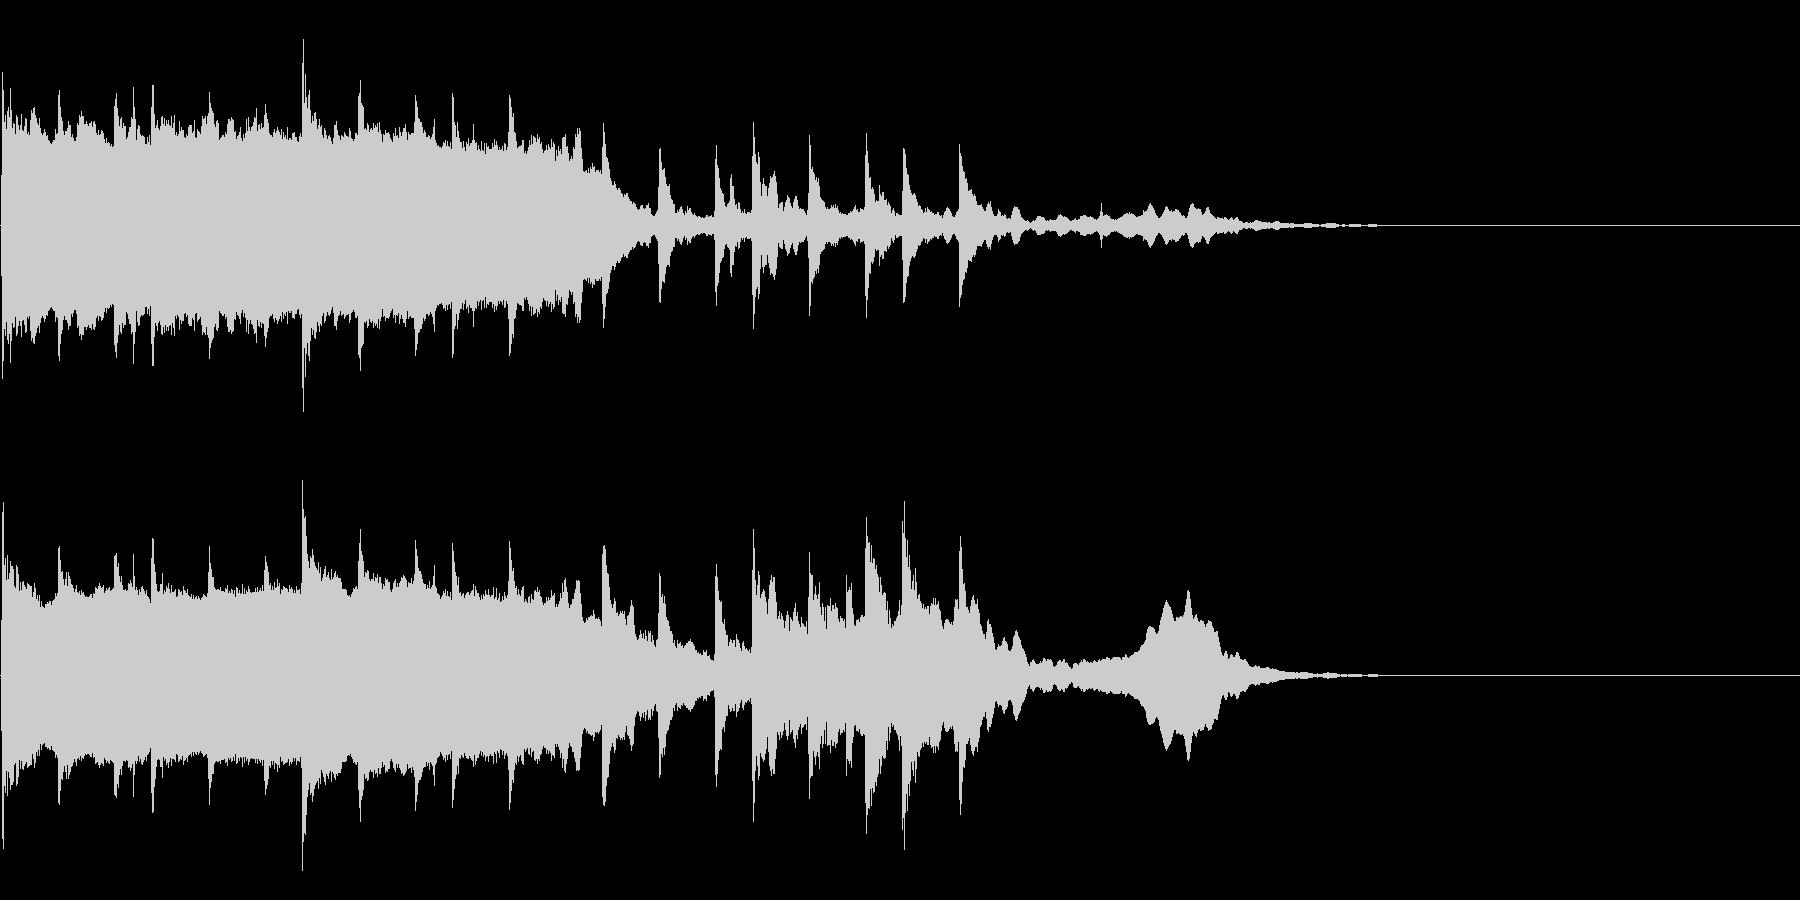 悲しく寂しい雰囲気の電子音楽の未再生の波形